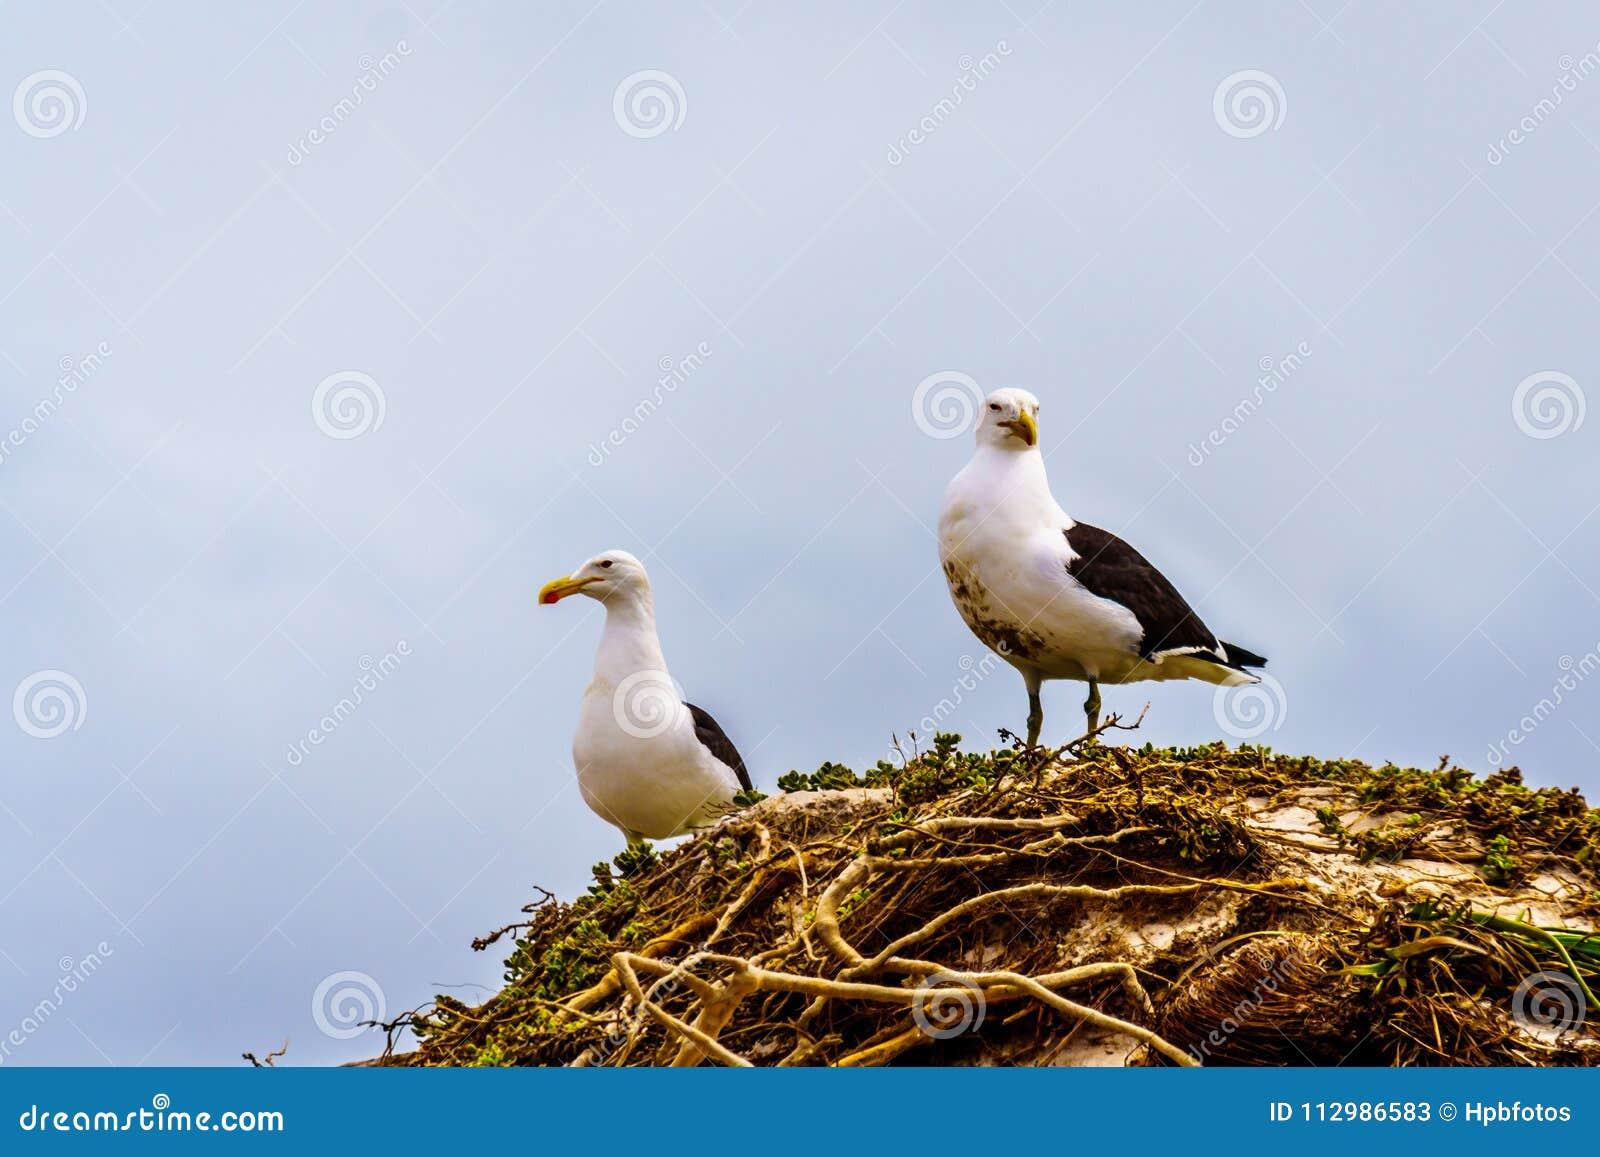 Seagulls at Strandfontein beach on Baden Powell Drive between Macassar and Muizenberg near Cape Town